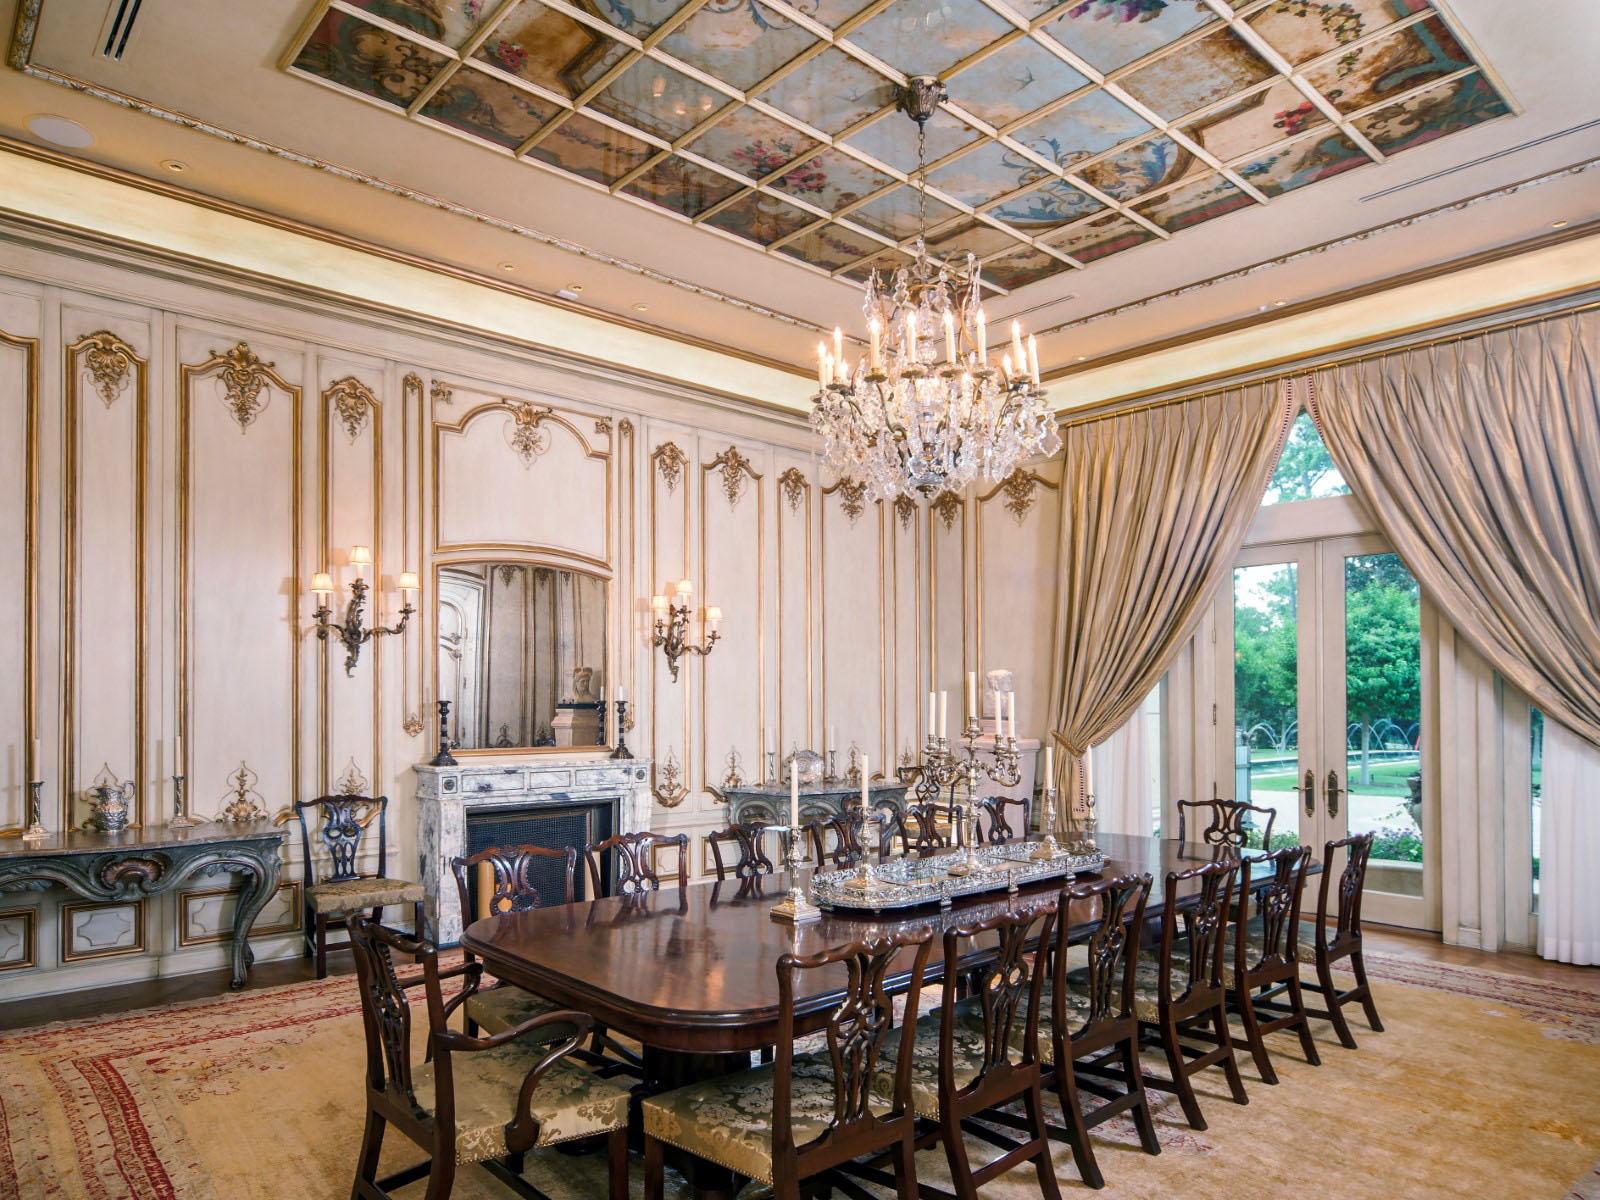 Neoclassical Chateau Style Estate In Texas  iDesignArch  Interior Design Architecture